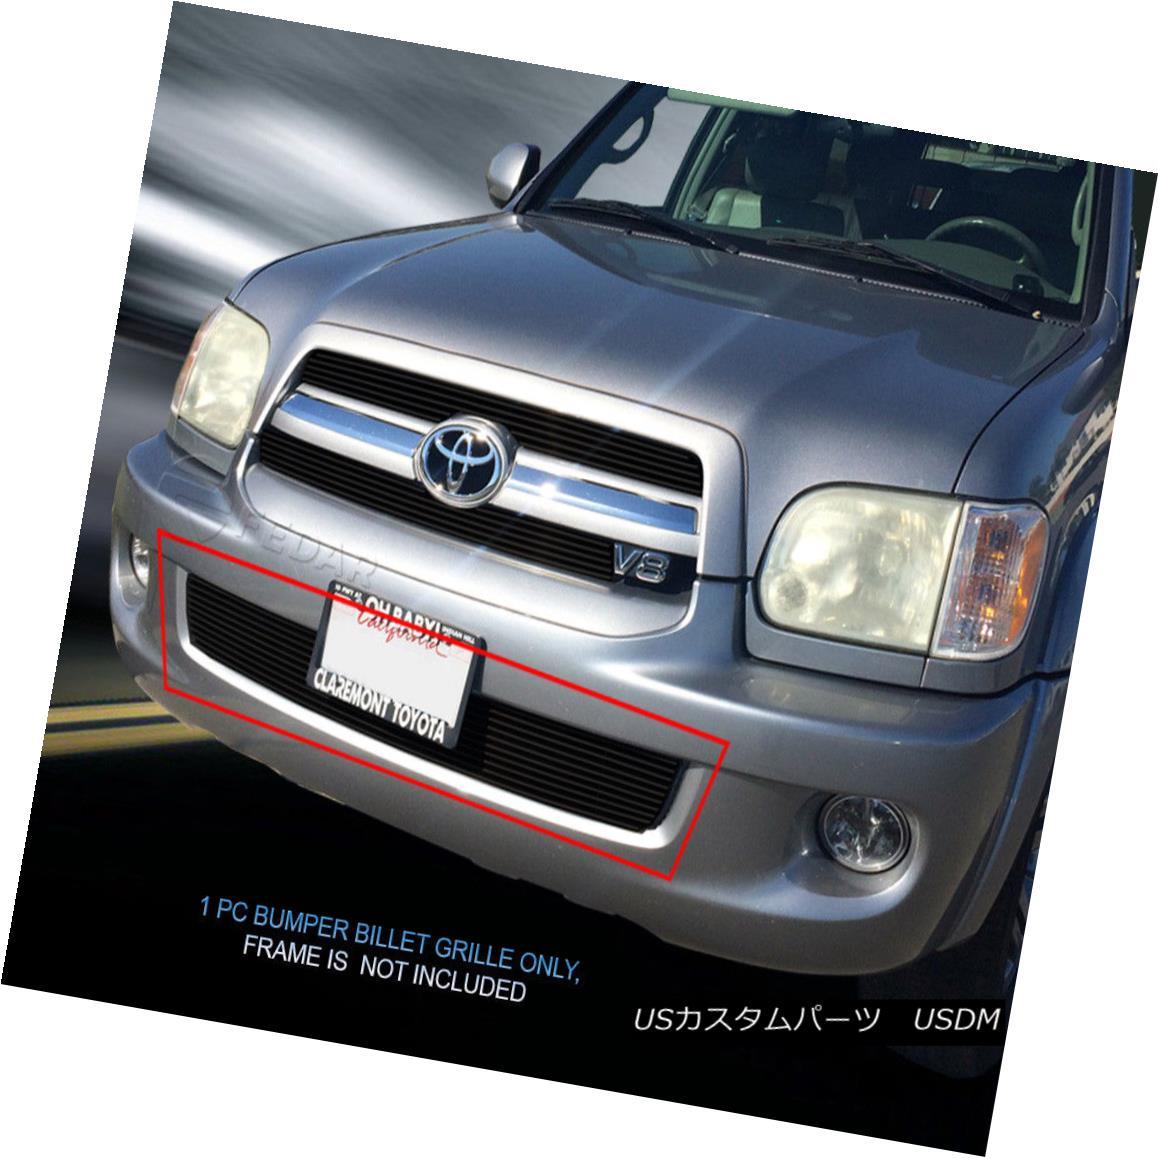 グリル For 05 06 07 Toyota Sequoia Black Billet Grille Grill Bumper Insert Fedar 05 06 07トヨタセコイアブラックビレットグリルグリルバンパーインサートFedar